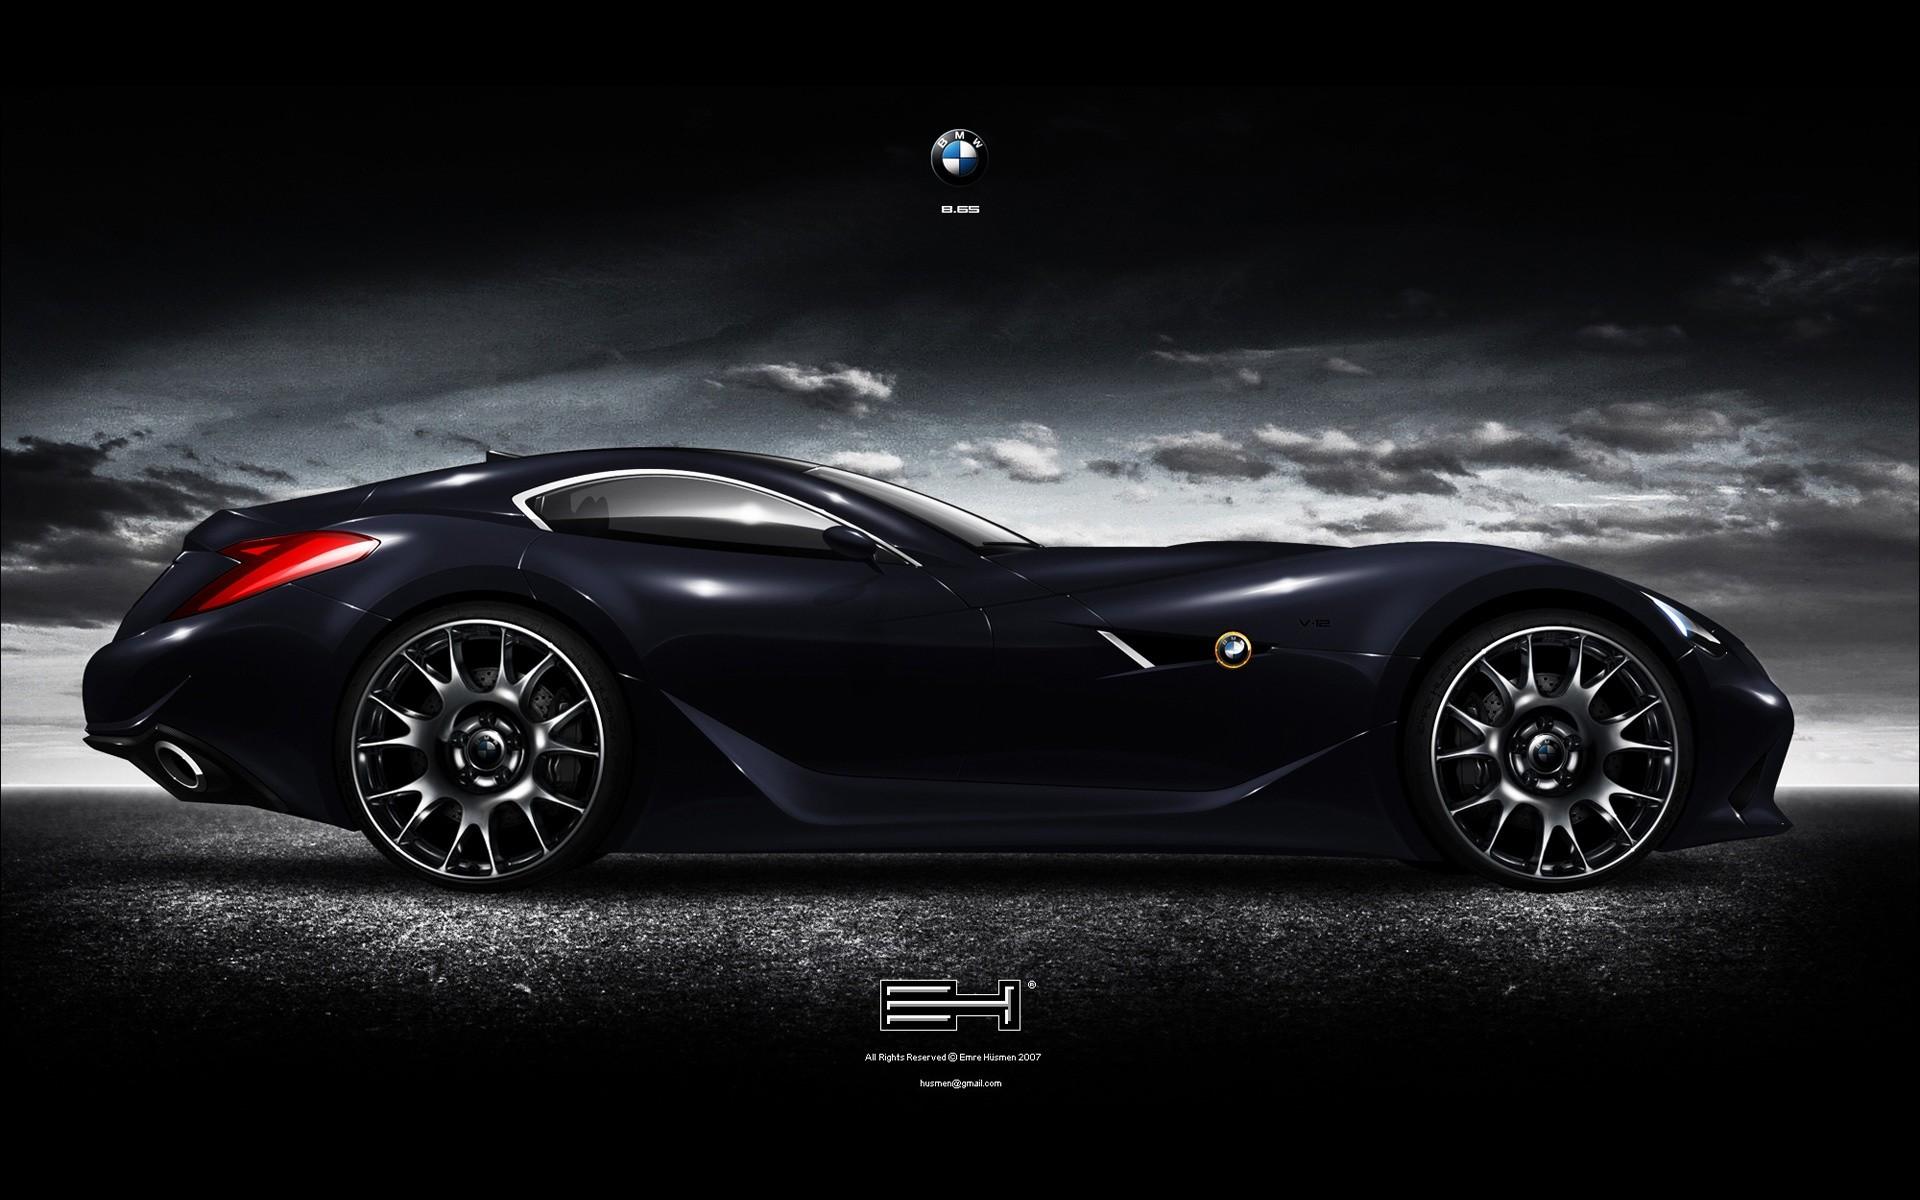 Super Cars Hd Wallpaper: Super Cars Wallpapers For Desktop